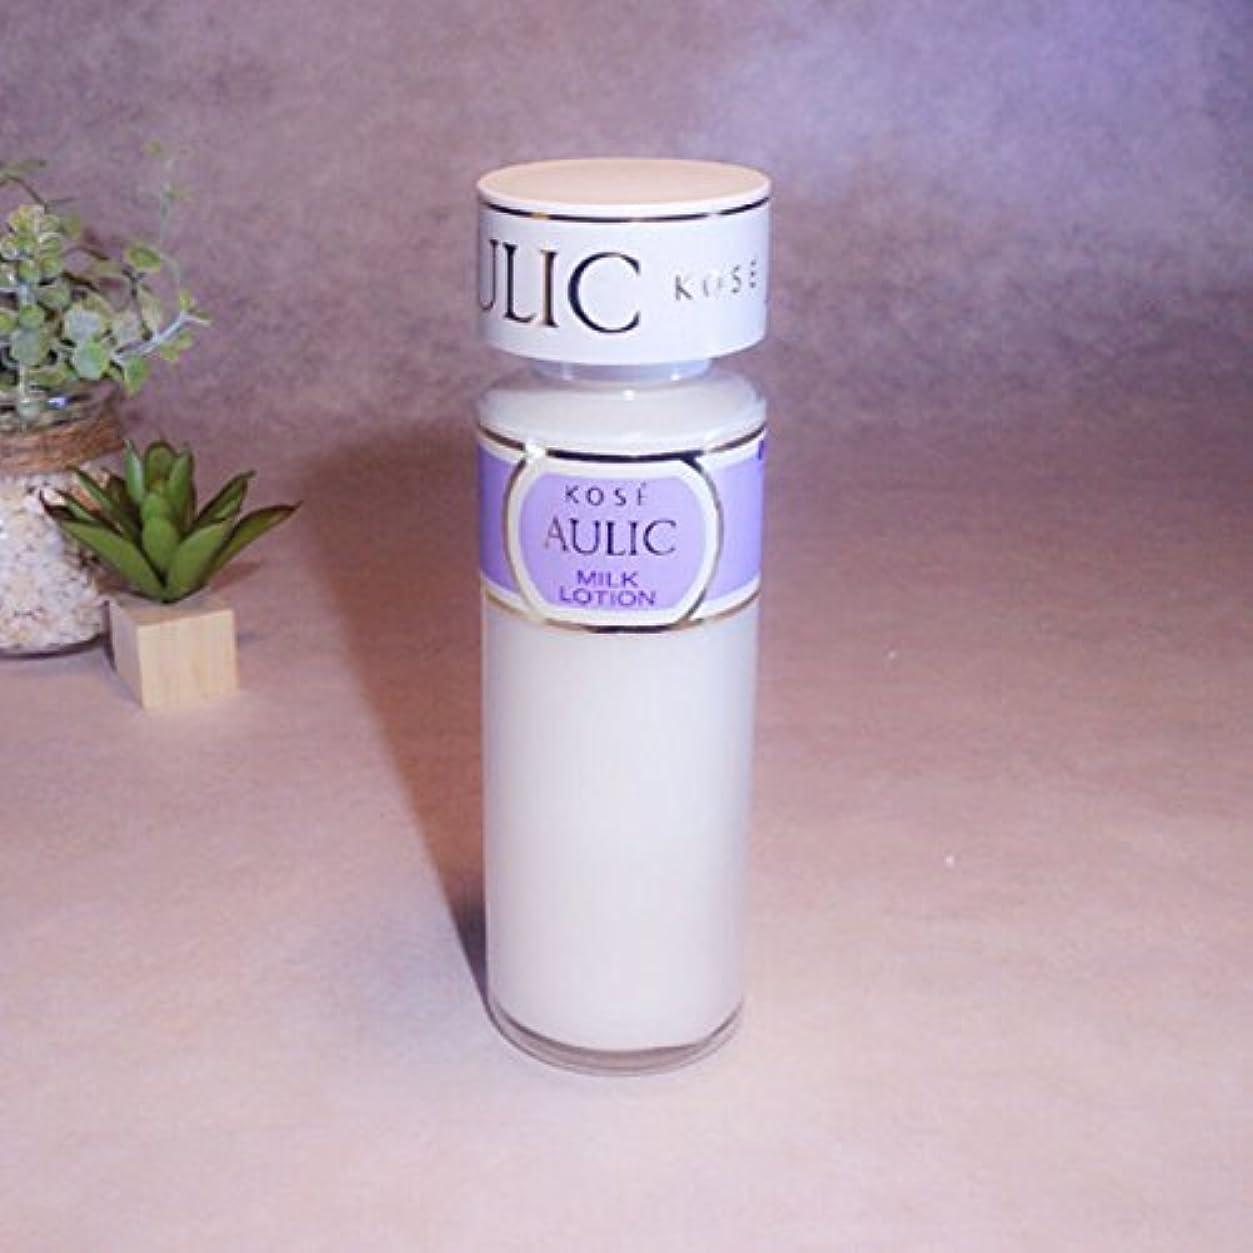 シェルター店員信頼性のあるコーセー オーリック 乳液 140ml